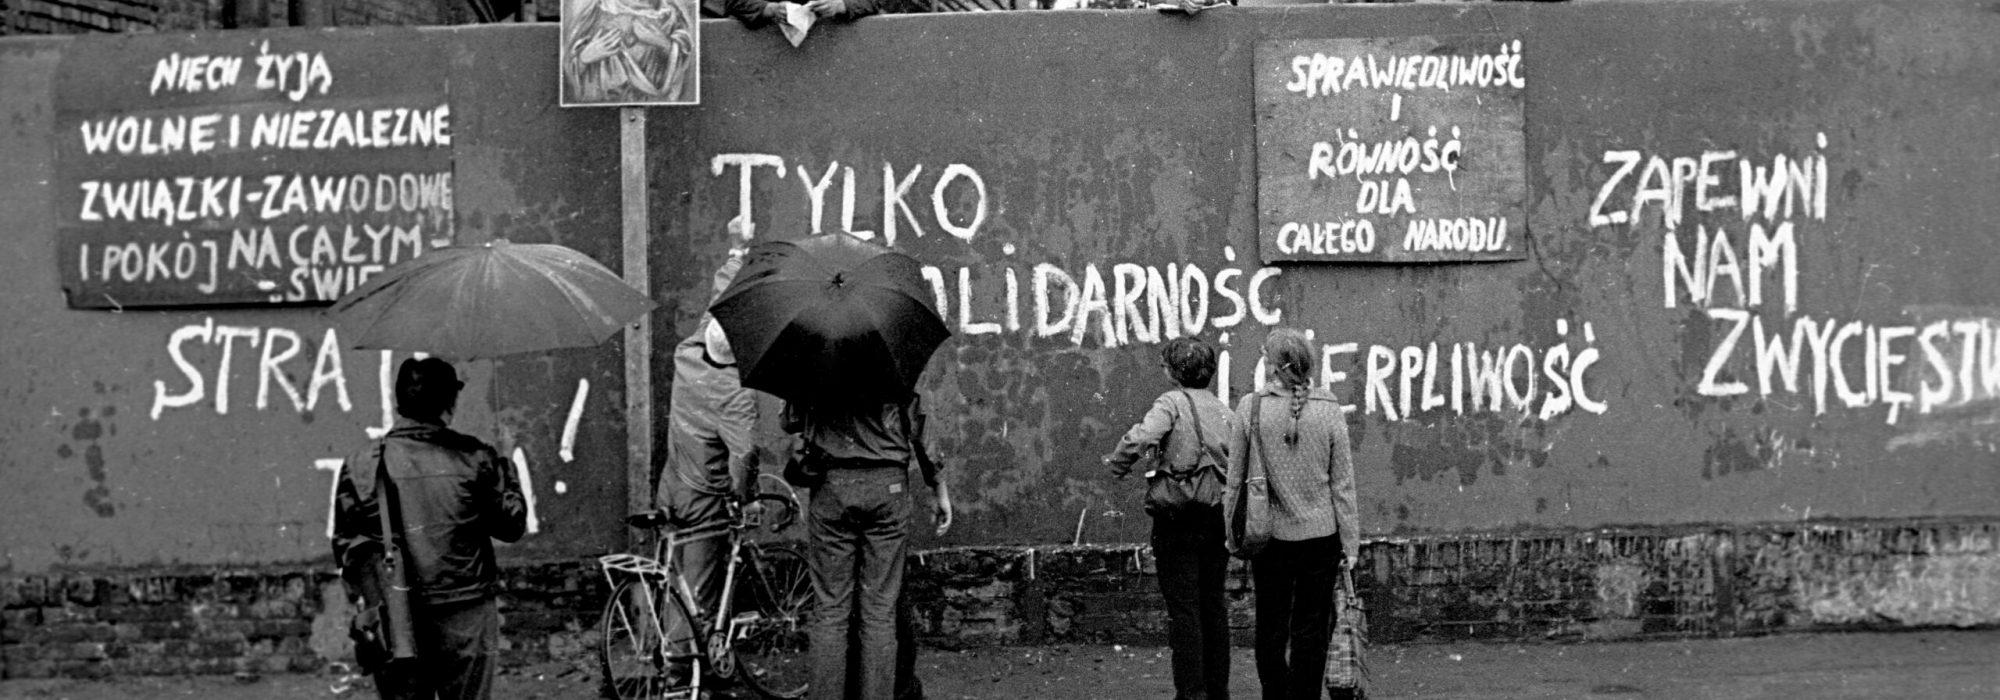 Gdansk. 14-31.08.1980 r. Strajk okupacyjny w Stoczni Gdanskiej im. Lenina, sierpien 1980 (14-31.08.1980). Akceptacja czesci z 21 postulatow.,Image: 431171271, License: Rights-managed, Restrictions: UWAGA!!! Cena minimalna dla publikacji w prasie i ksiazkach - 200 PLN xxxx, Model Release: no, Credit line: Slawek Bieganski / Forum